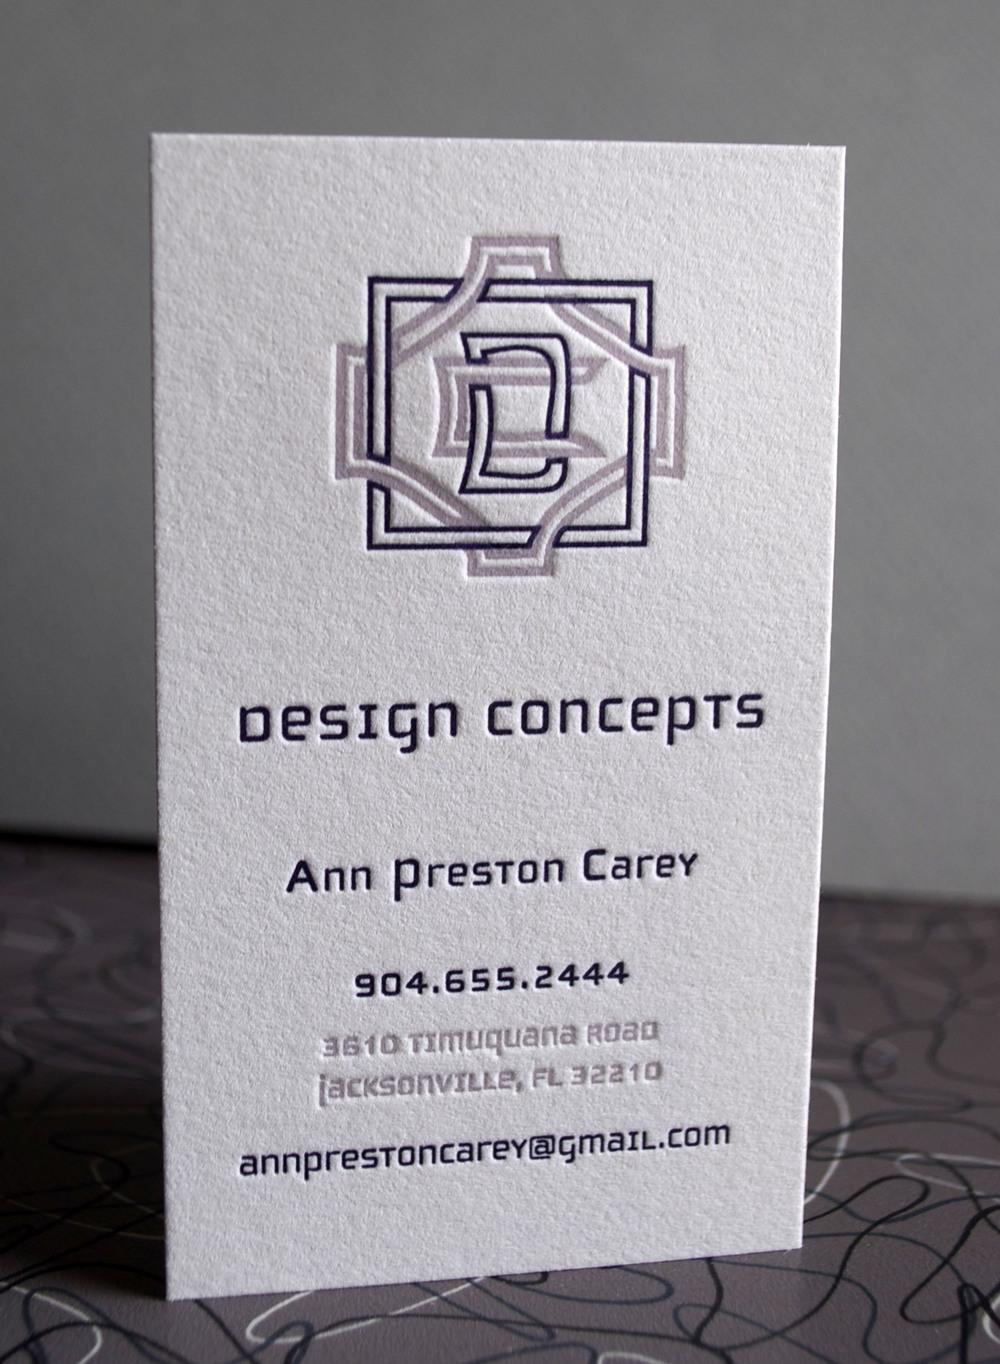 Ann's card